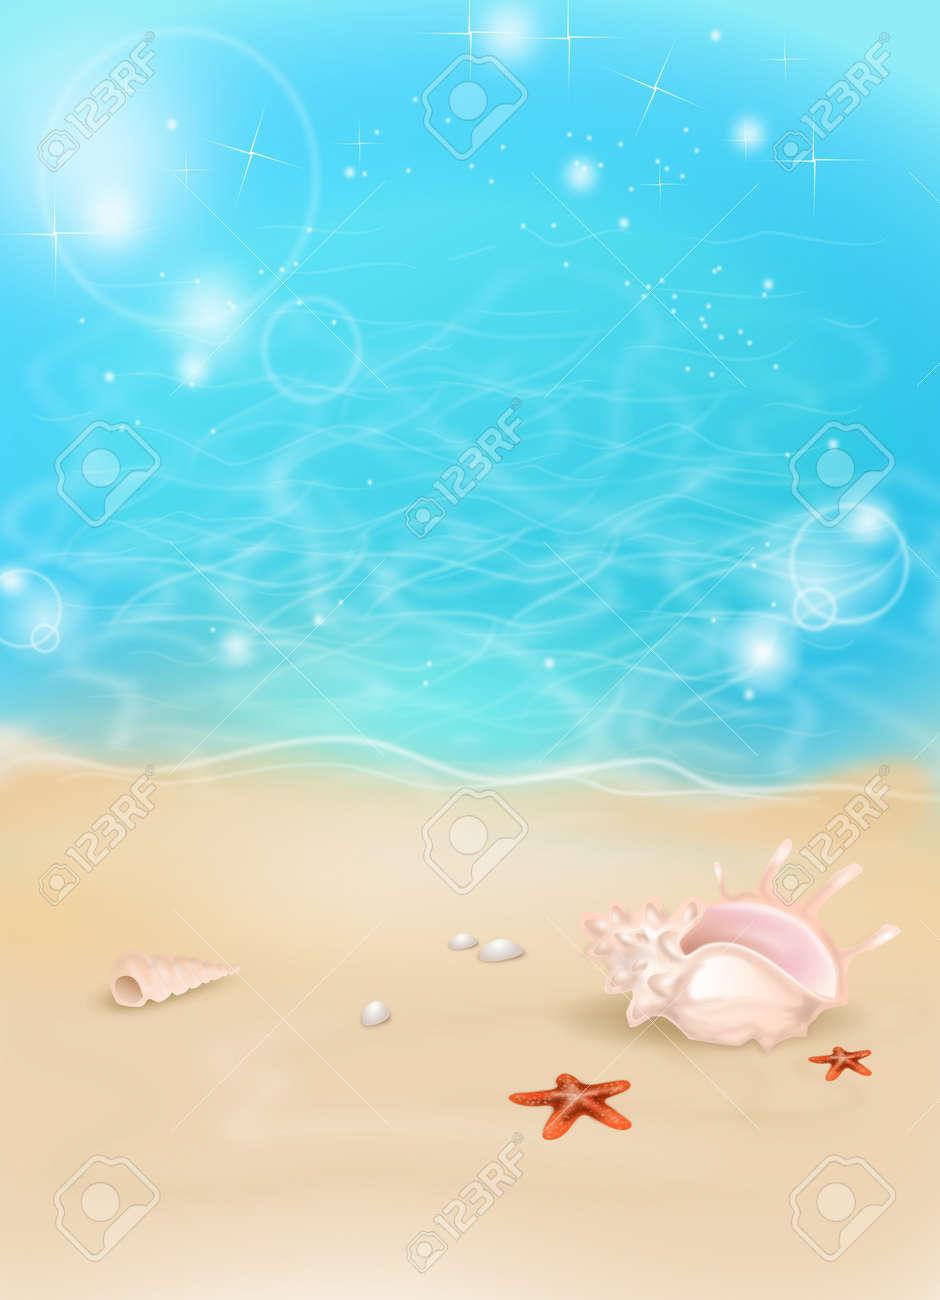 砂浜のビーチと海辺夏背景のイラスト ロイヤリティーフリーフォト